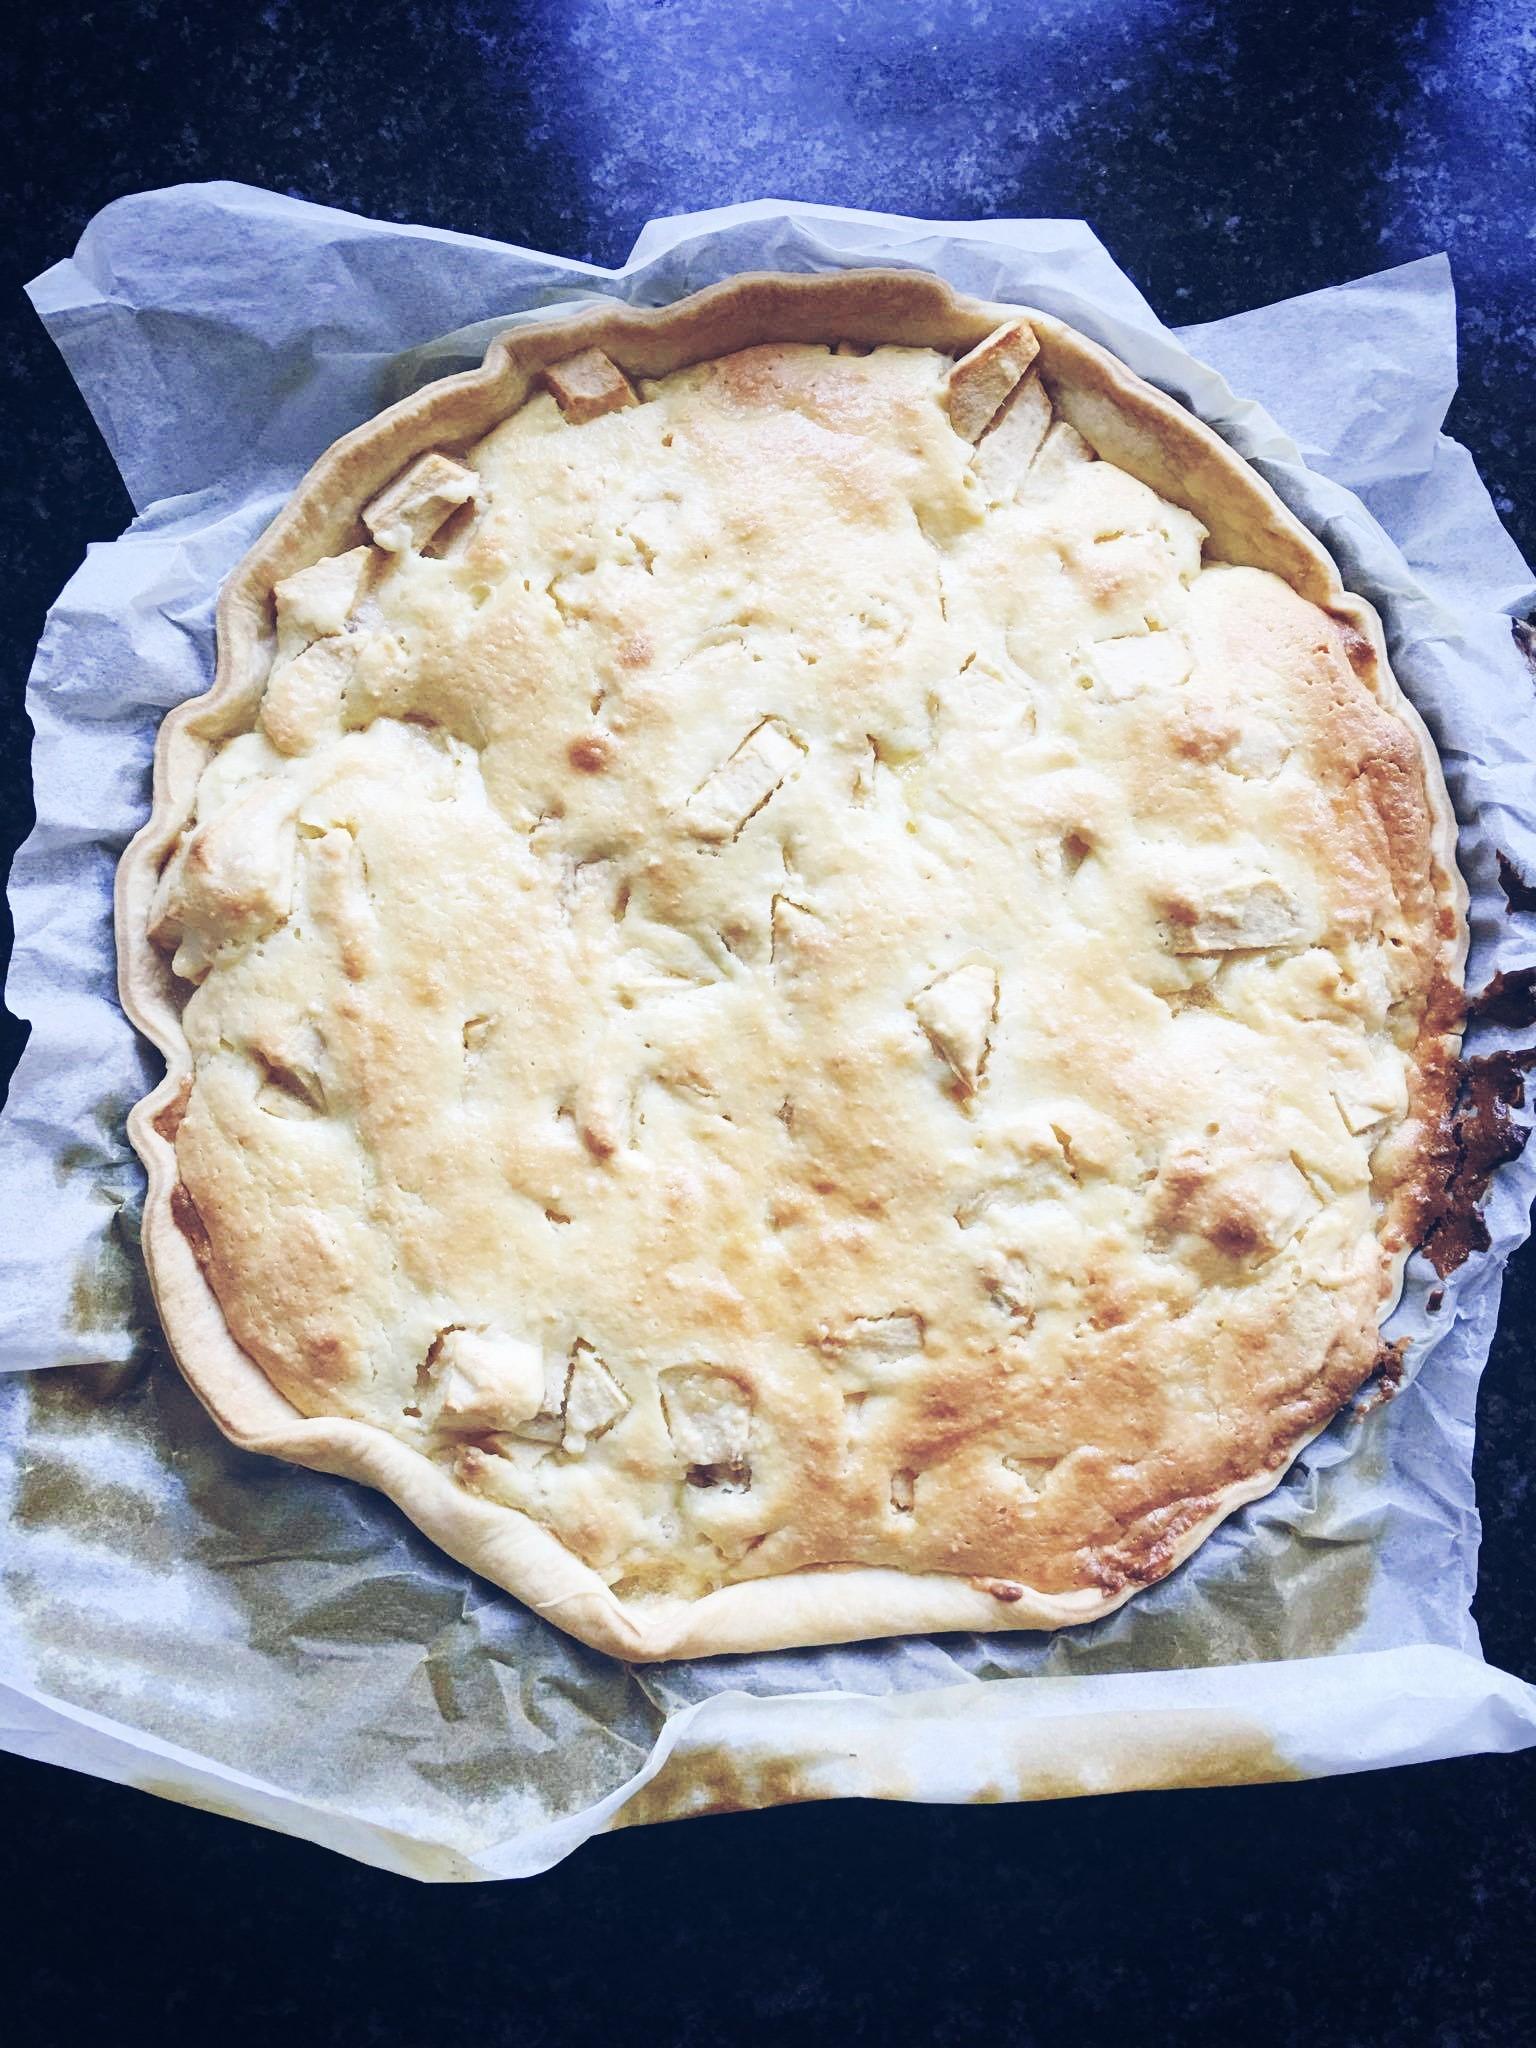 Recept • Mascarponetaart met appels voor dummies